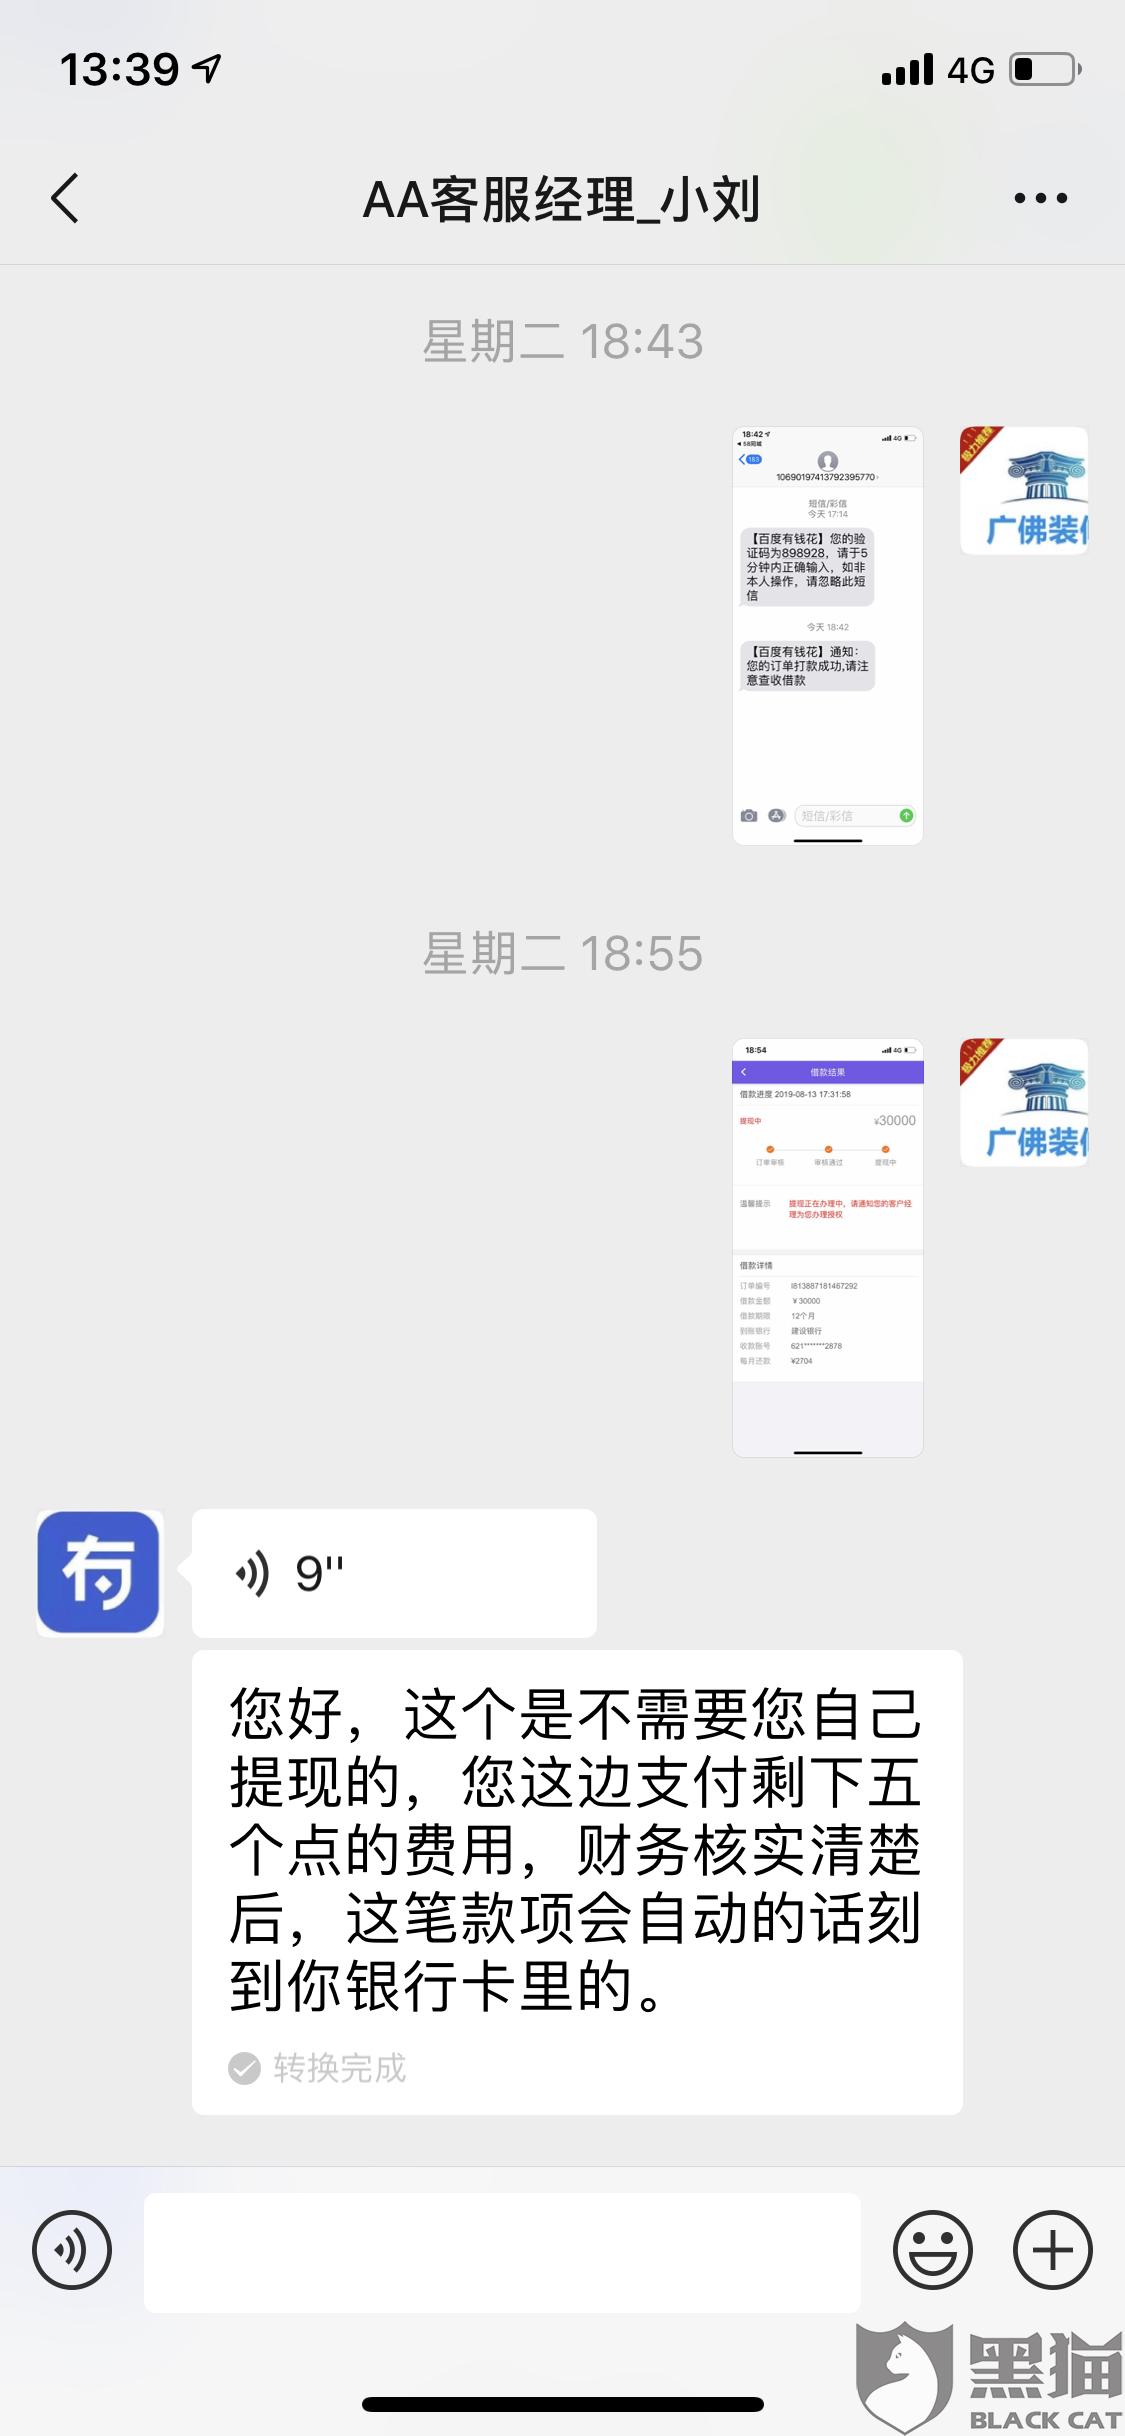 黑猫投诉:有钱花客户经理刘成编号00018